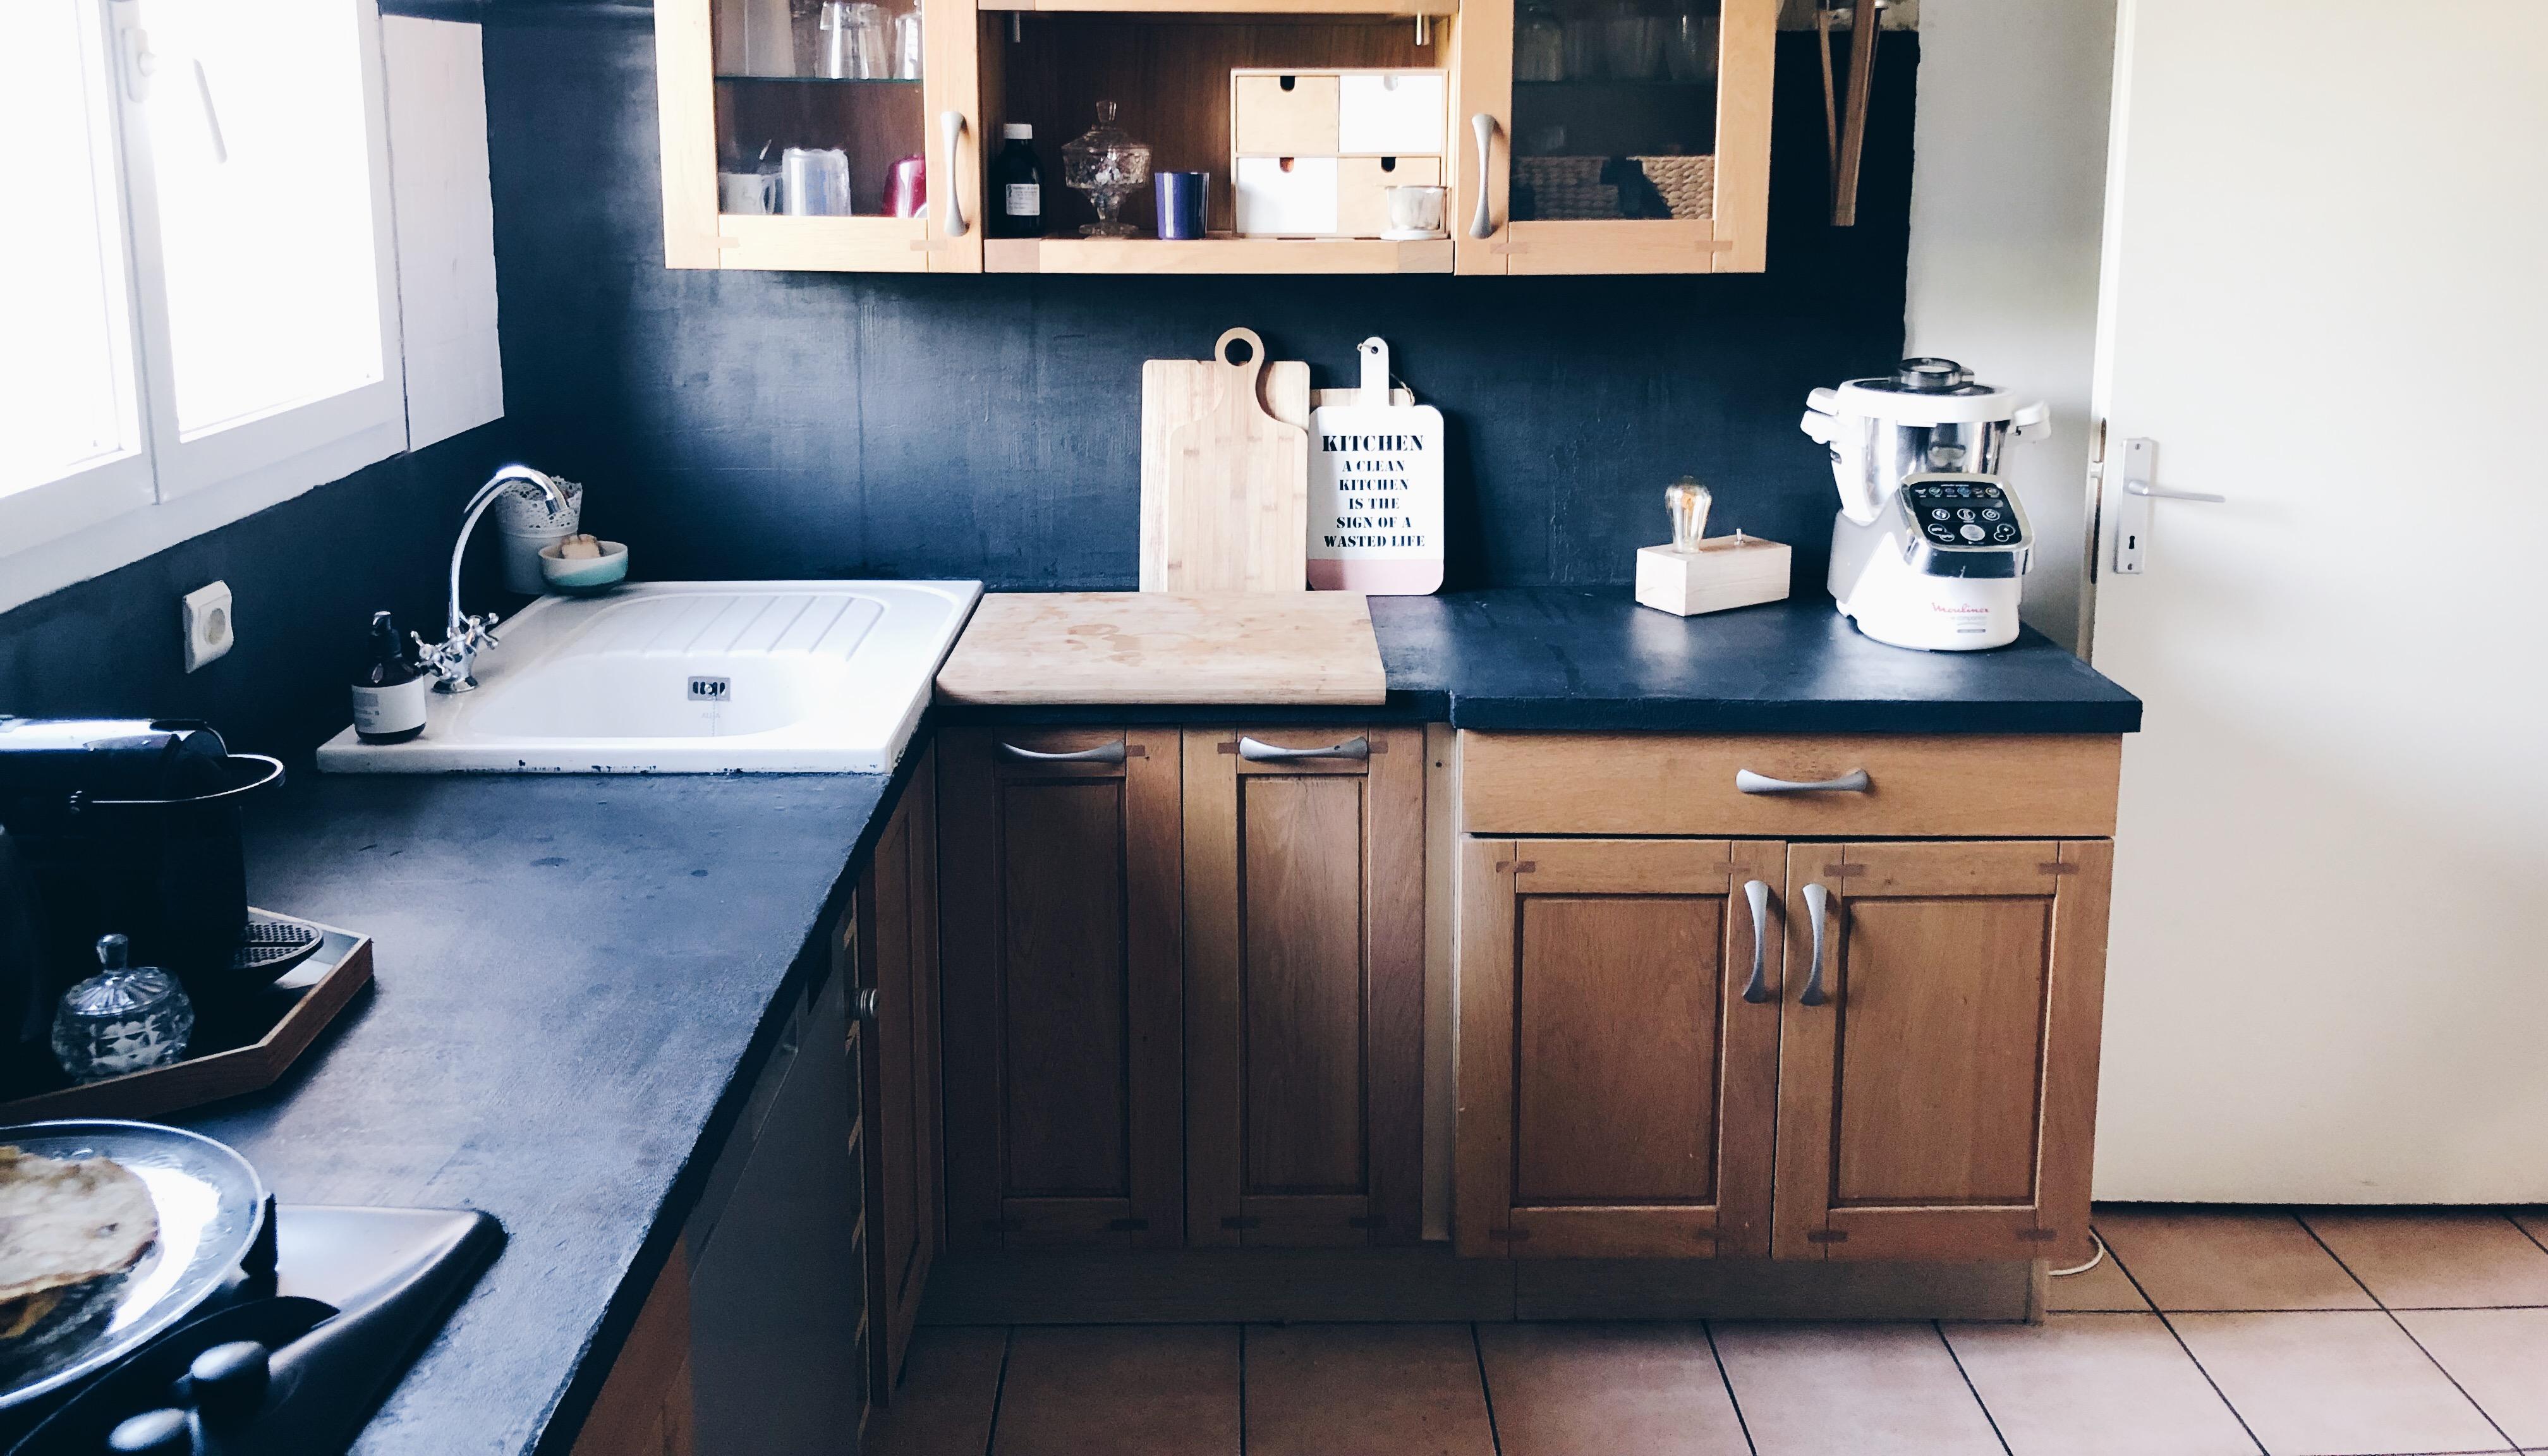 Rénovation de la cuisine #15 : avant/après déco !  MllePaul